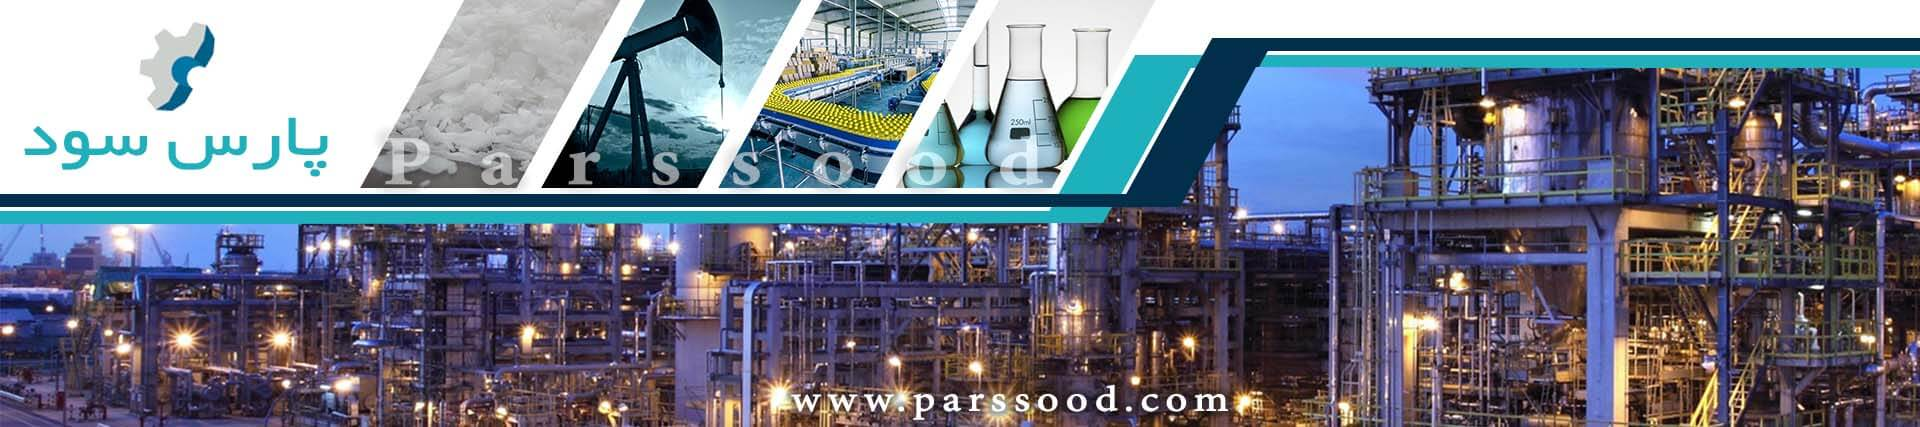 خالصترین سود پرک برای صنایع